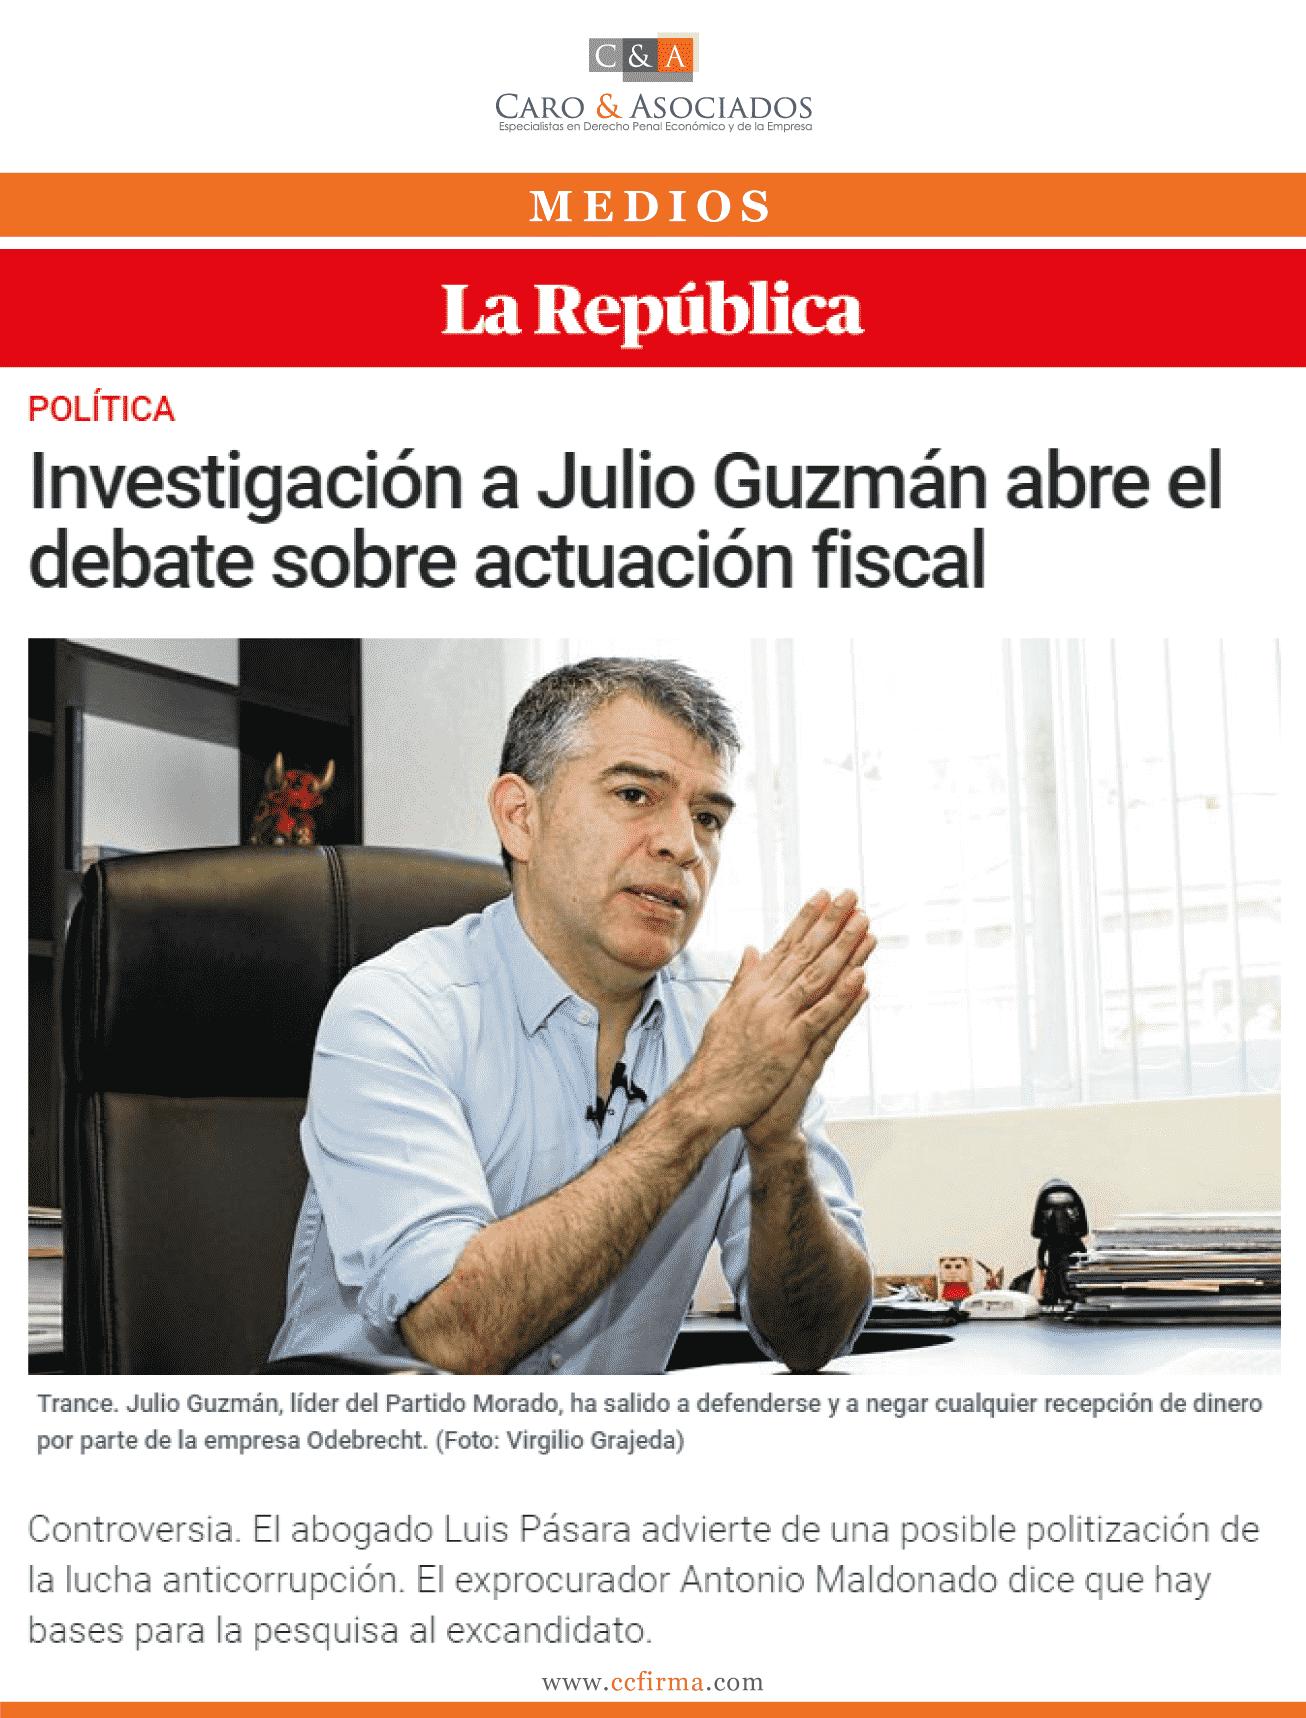 Investigación A Julio Guzmán Abre El Debate Sobre Actuación Fiscal